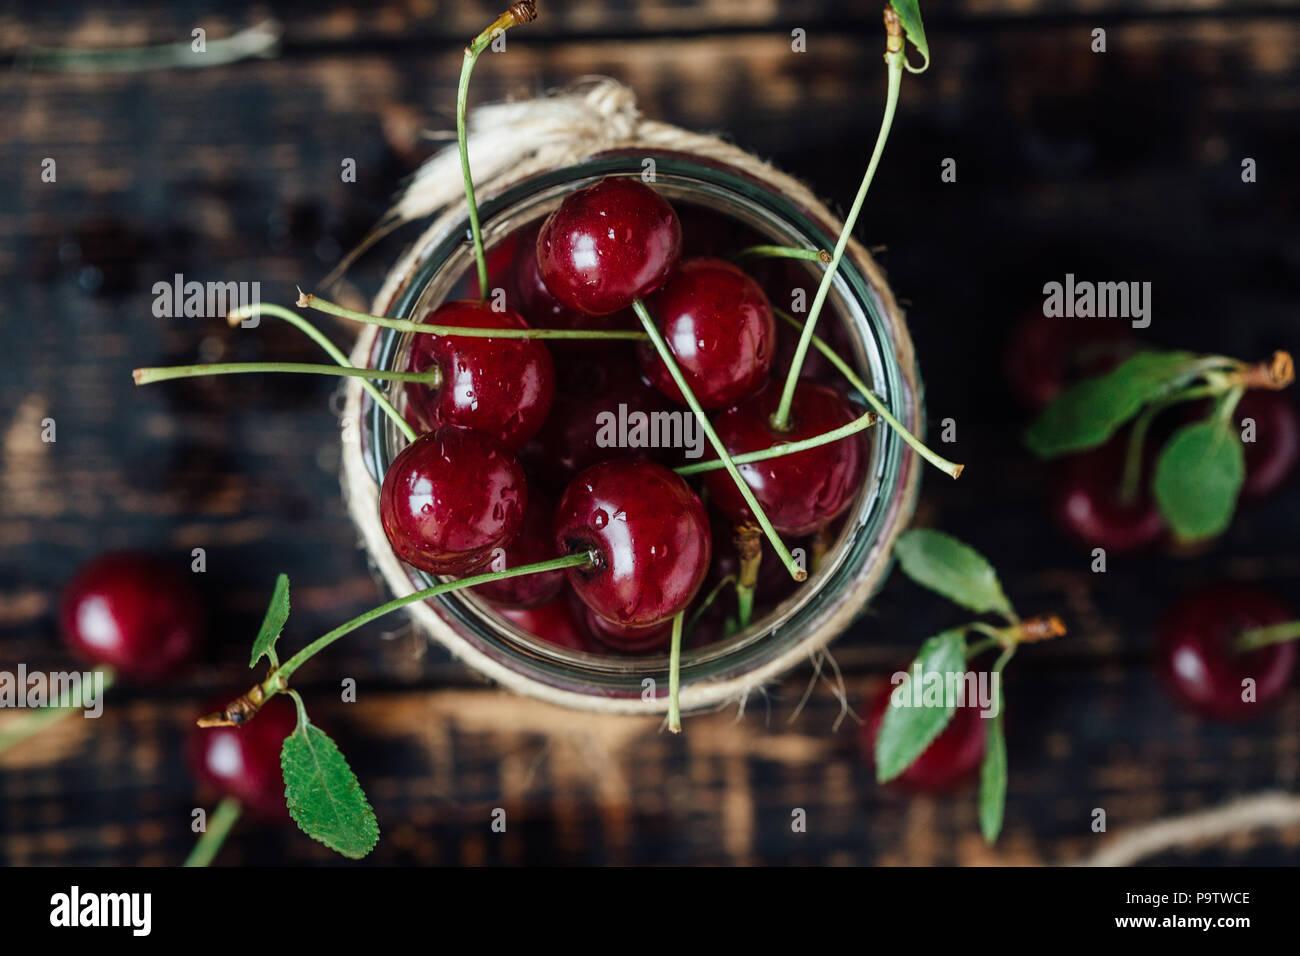 Frische reife Kirschen auf einem Holztisch. Holz- Hintergrund Stockbild